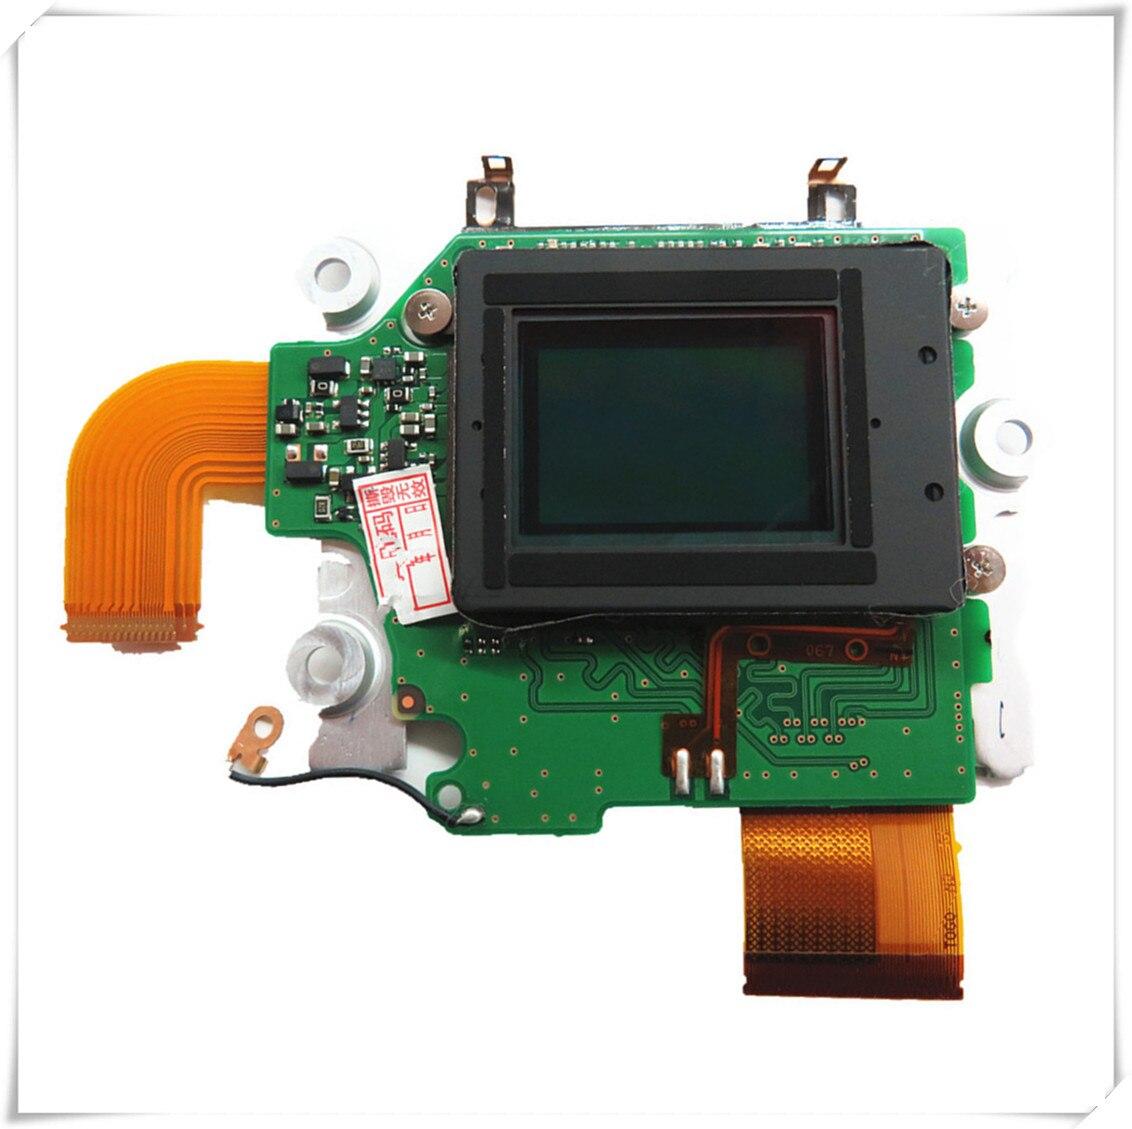 100% capteur dimage CCD CMOS D7200 dorigine avec verre filtrant passe-bas parfait pour Nikon D7200100% capteur dimage CCD CMOS D7200 dorigine avec verre filtrant passe-bas parfait pour Nikon D7200